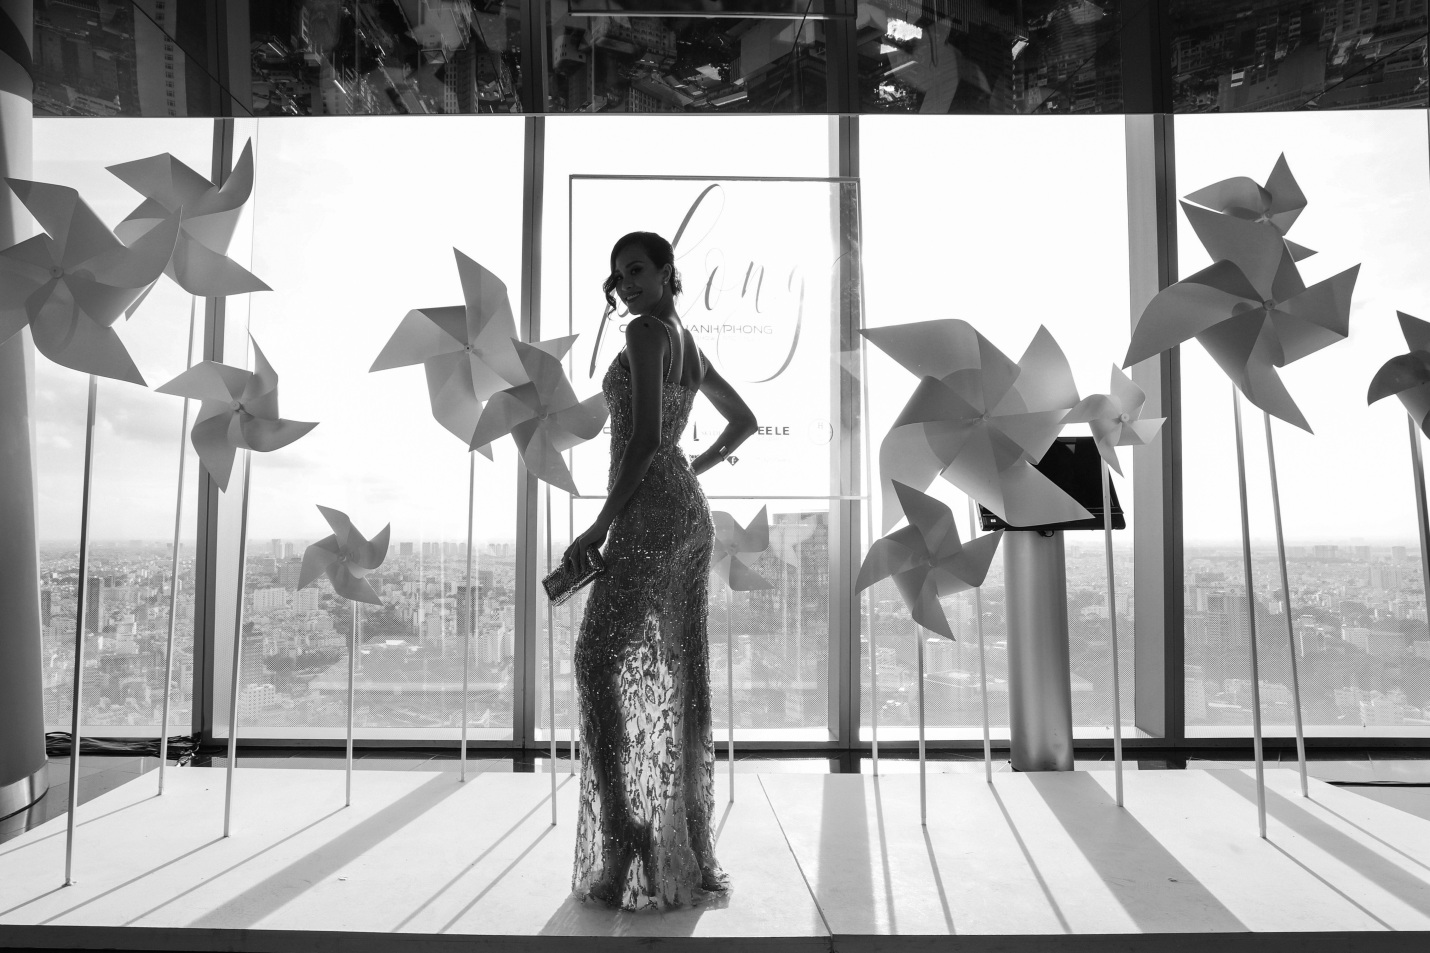 Sau fashion show cực thành công, NTK Chung Thanh Phong bất ngờ tiết lộ bí mật sau hậu trường - Ảnh 5.